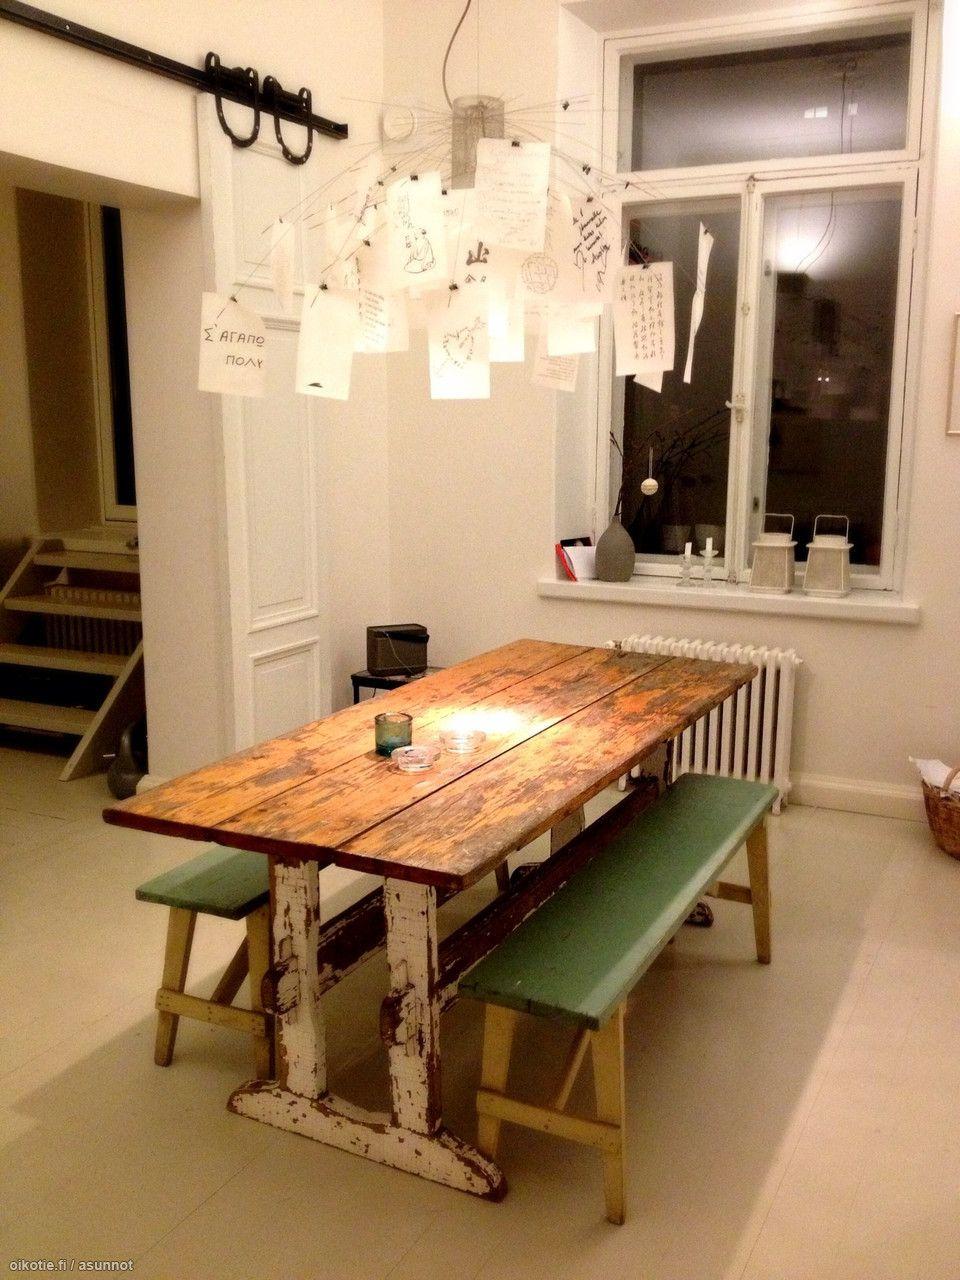 cool kitchen interior design interior design kitchen modern kitchen design country kitchen on l kitchen interior modern id=75339